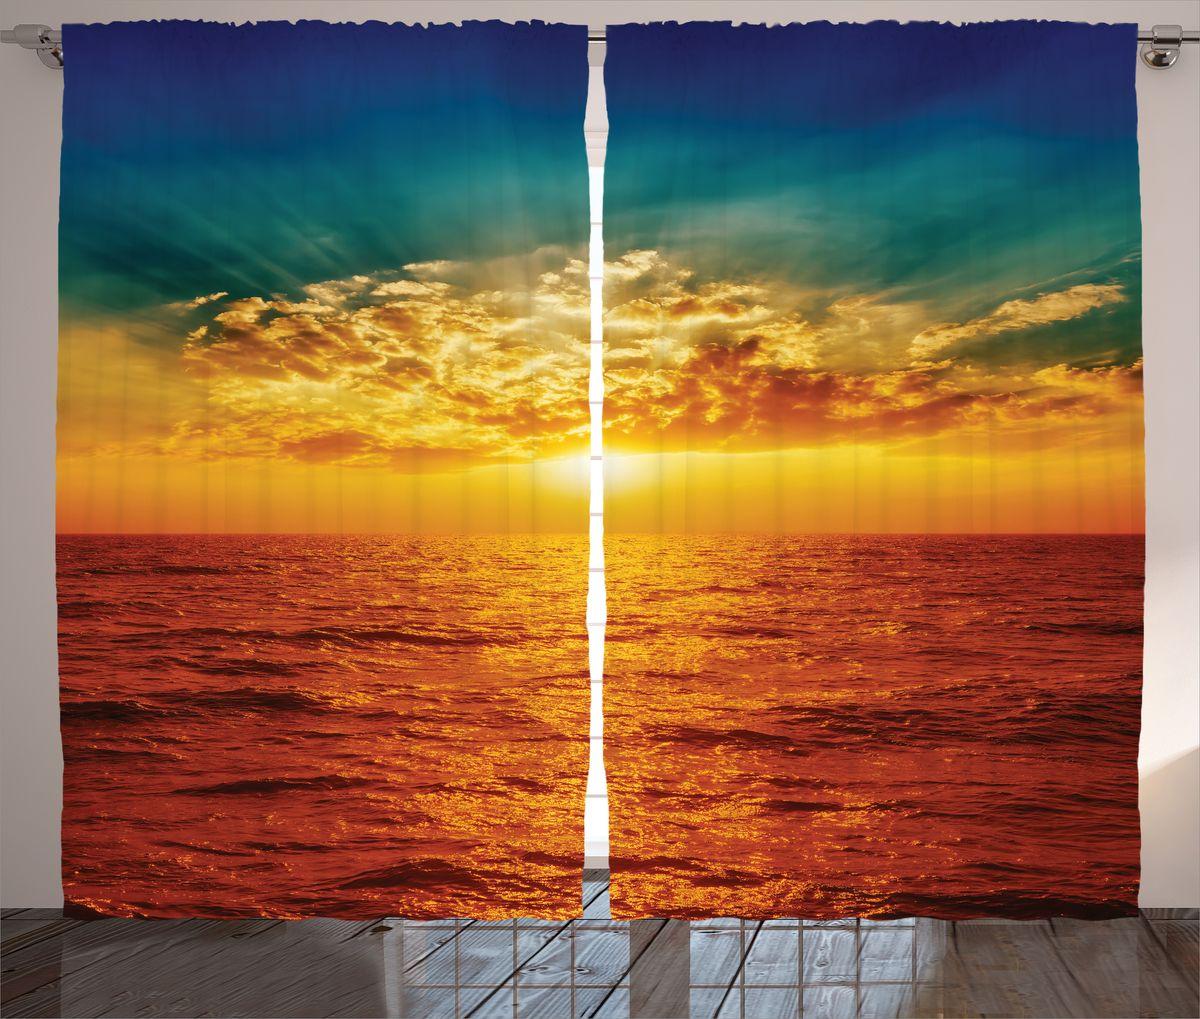 Комплект фотоштор Magic Lady Красное море, на ленте, высота 265 см. шсг_15031шсг_15030Компания Сэмболь изготавливает шторы из высококачественного сатена (полиэстер 100%). При изготовлении используются специальные гипоаллергенные чернила для прямой печати по ткани, безопасные для человека и животных. Экологичность продукции Magic lady и безопасность для окружающей среды подтверждены сертификатом Oeko-Tex Standard 100. Крепление: крючки для крепления на шторной ленте (50 шт). Возможно крепление на трубу. Внимание! При нанесении сублимационной печати на ткань технологическим методом при температуре 240°С, возможно отклонение полученных размеров (указанных на этикетке и сайте) от стандартных на + - 3-5 см. Производитель старается максимально точно передать цвета изделия на фотографиях, однако искажения неизбежны и фактический цвет изделия может отличаться от воспринимаемого по фото. Обратите внимание! Шторы изготовлены из полиэстра сатенового переплетения, а не из сатина (хлопок). Размер одного полотна шторы: 145х265 см. В комплекте 2 полотна шторы и 50 крючков.